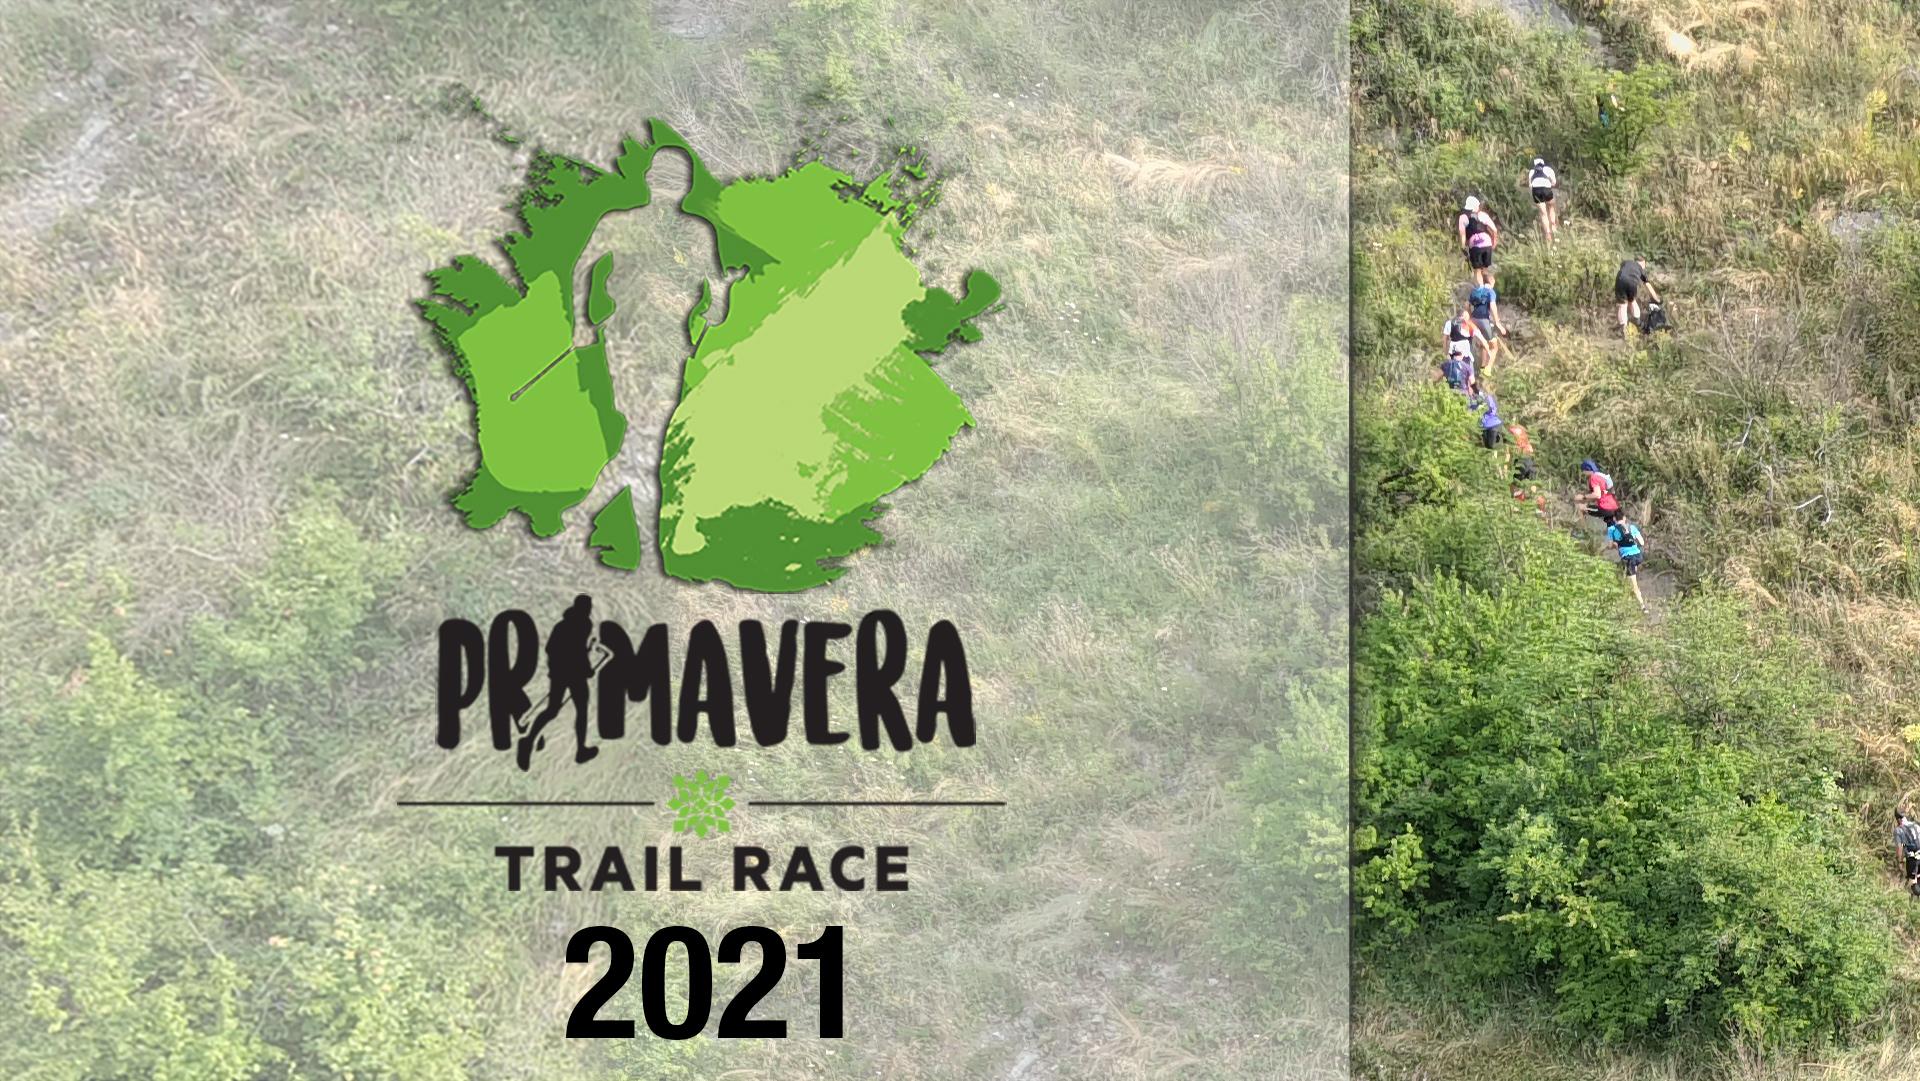 Primavera Trail Race 2021